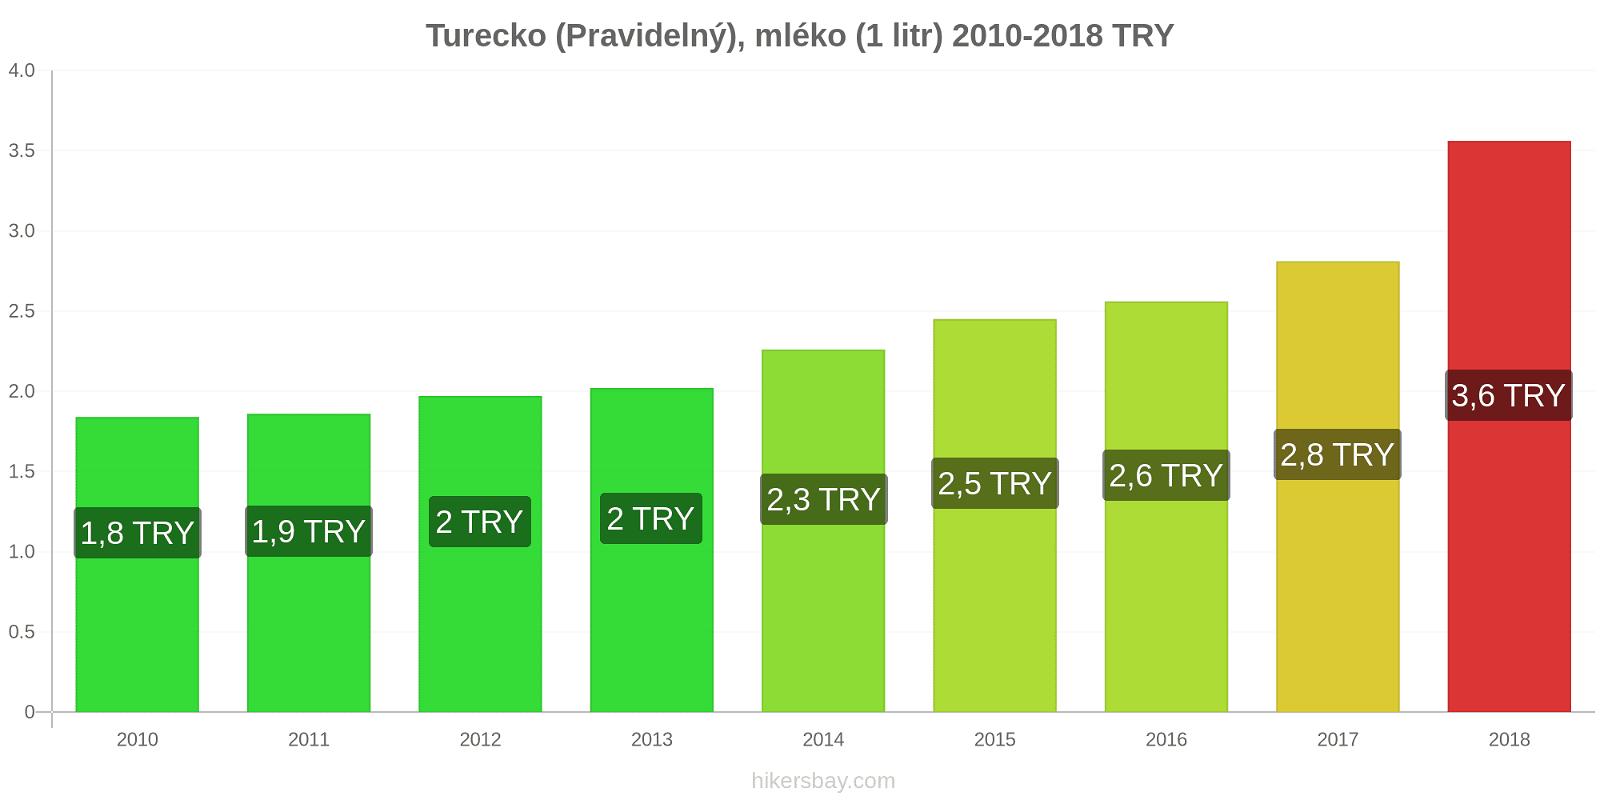 Turecko změny cen (Pravidelný), mléko (1 litr) hikersbay.com